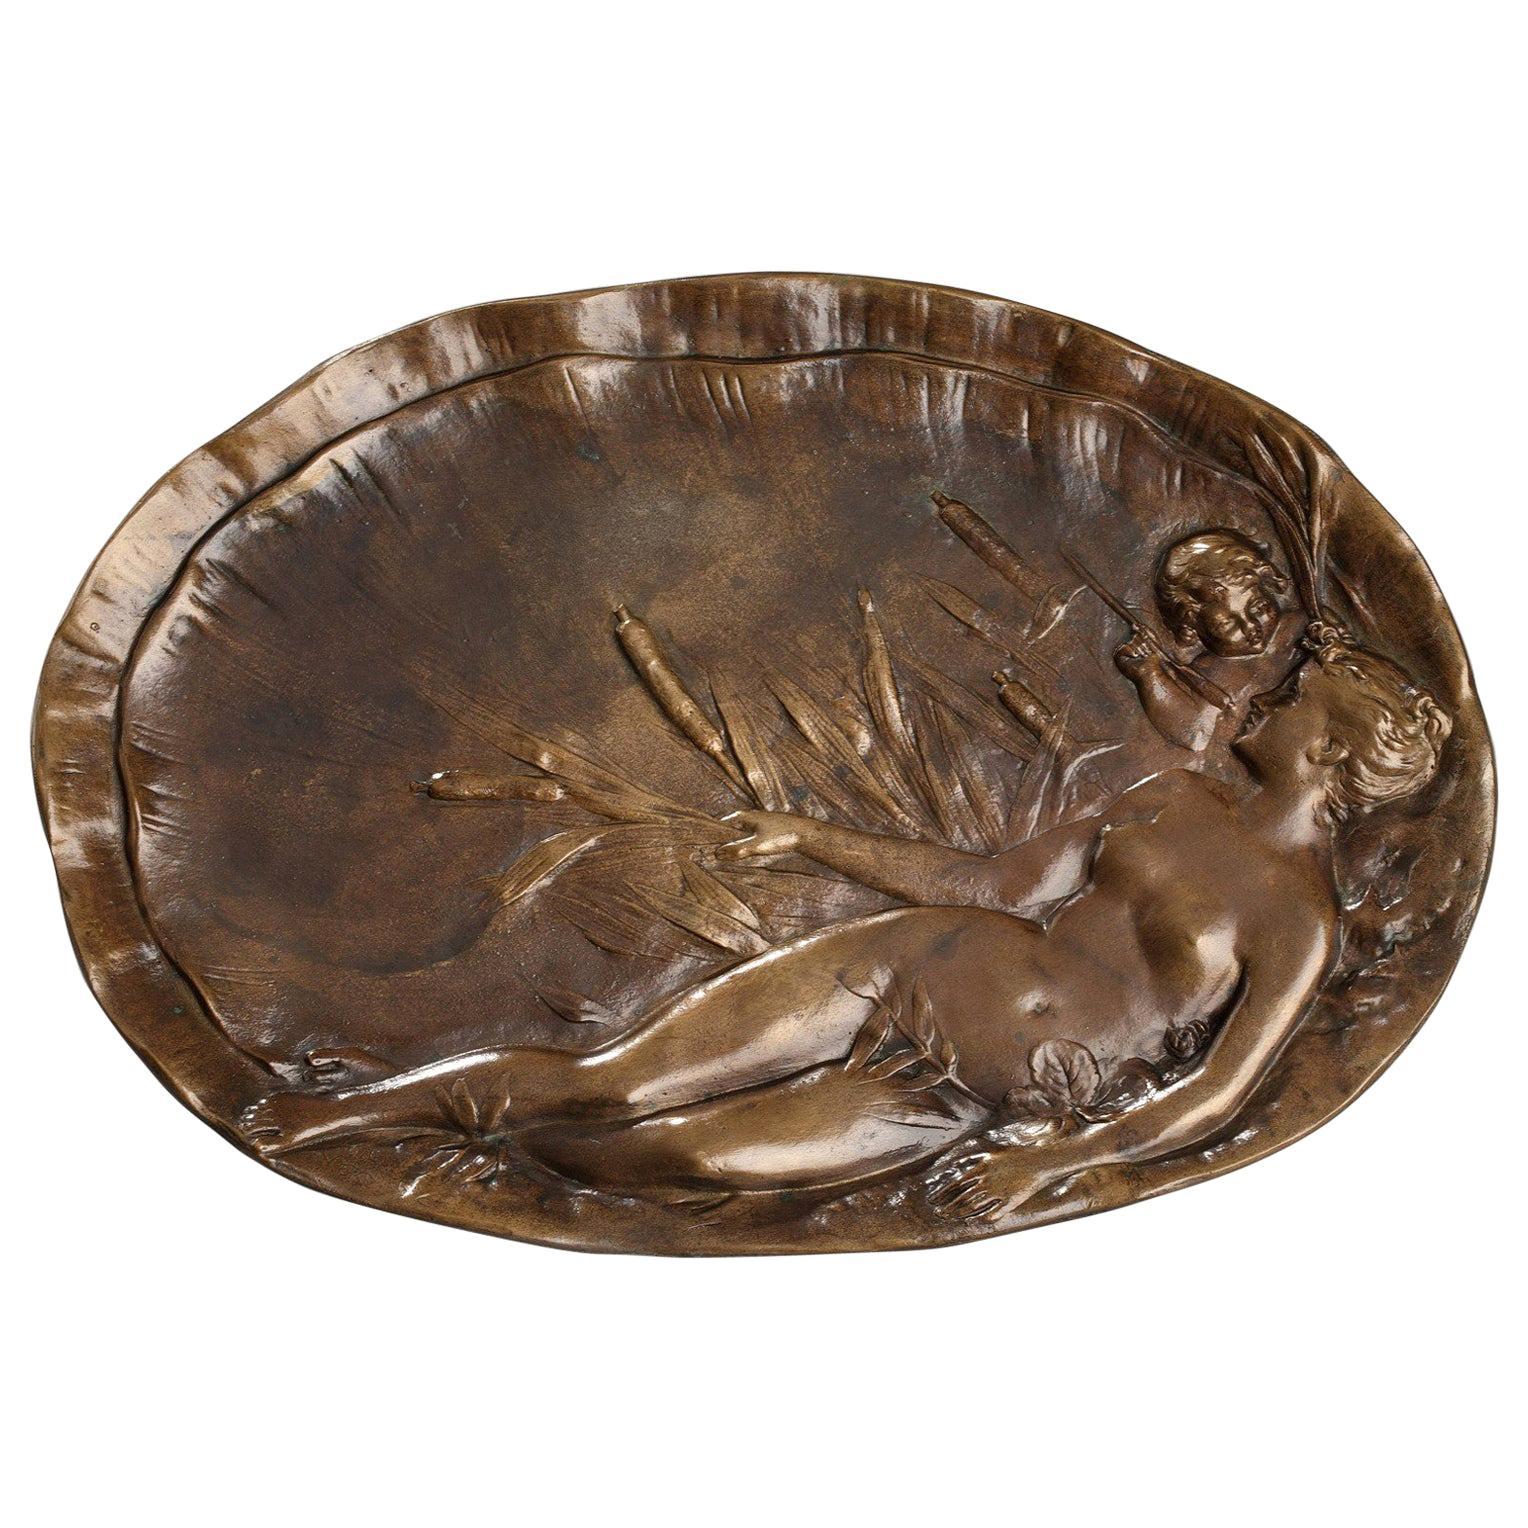 Late 19th Century Art Nouveau Bronze Tray by Emile Vernier